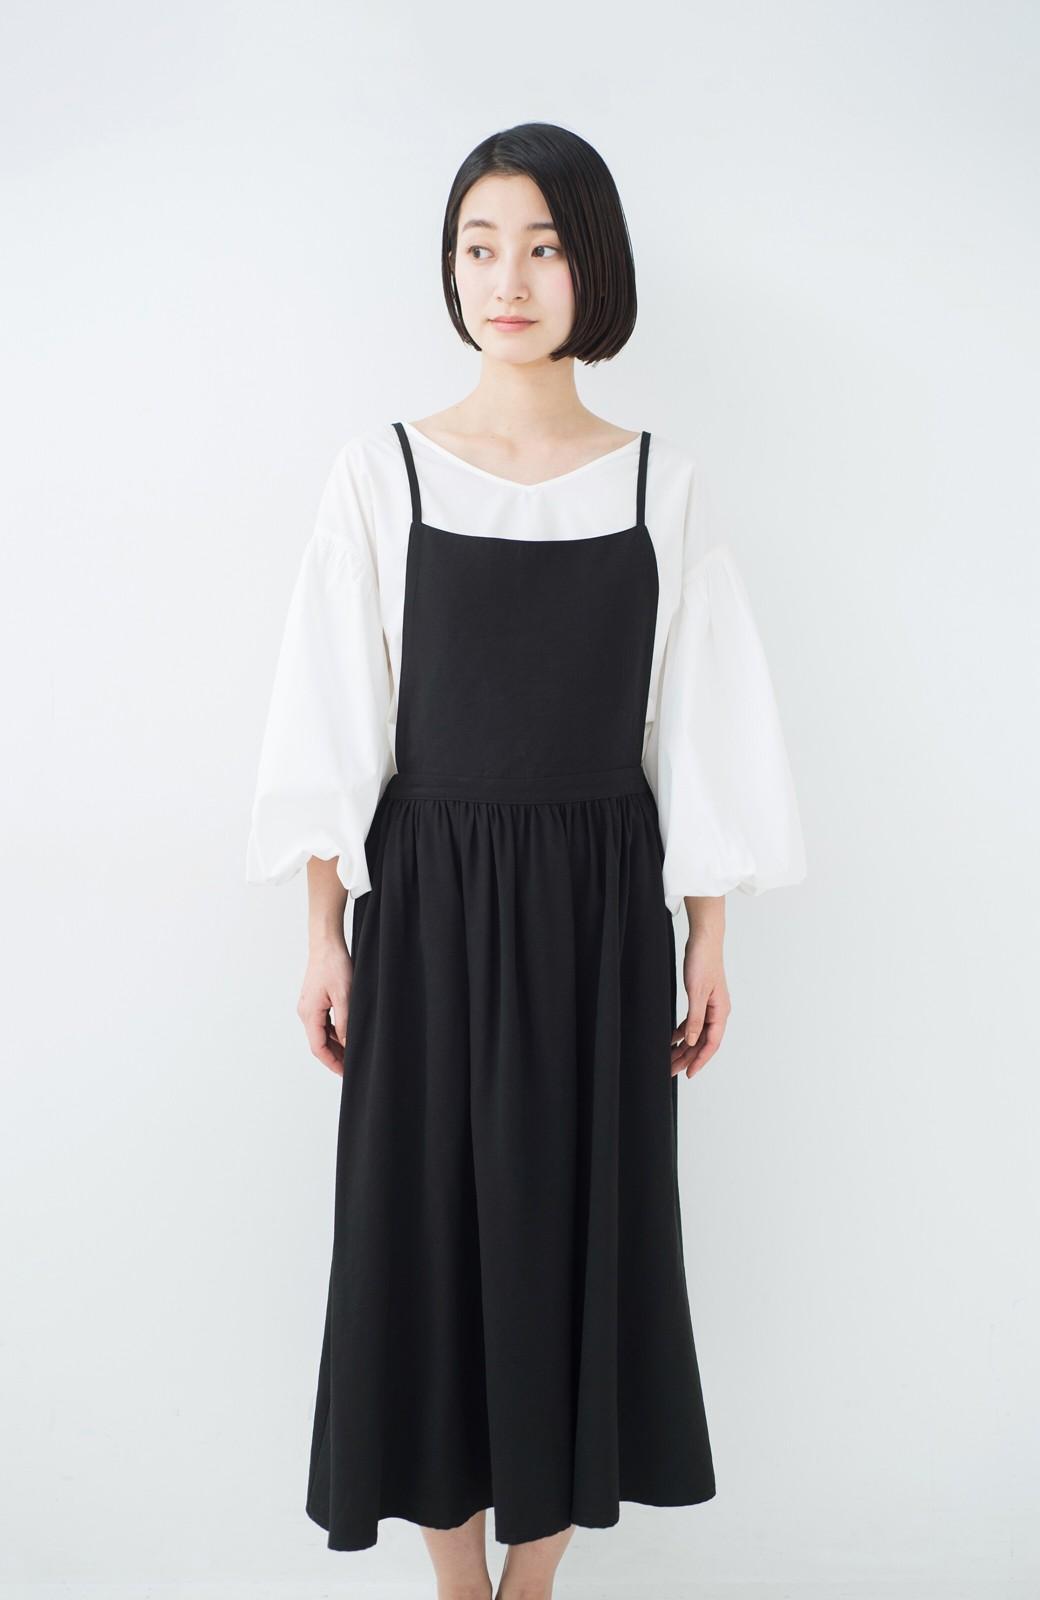 haco! シンプルな服に合わせるだけでかわいいエプロンワンピース <ブラック>の商品写真9